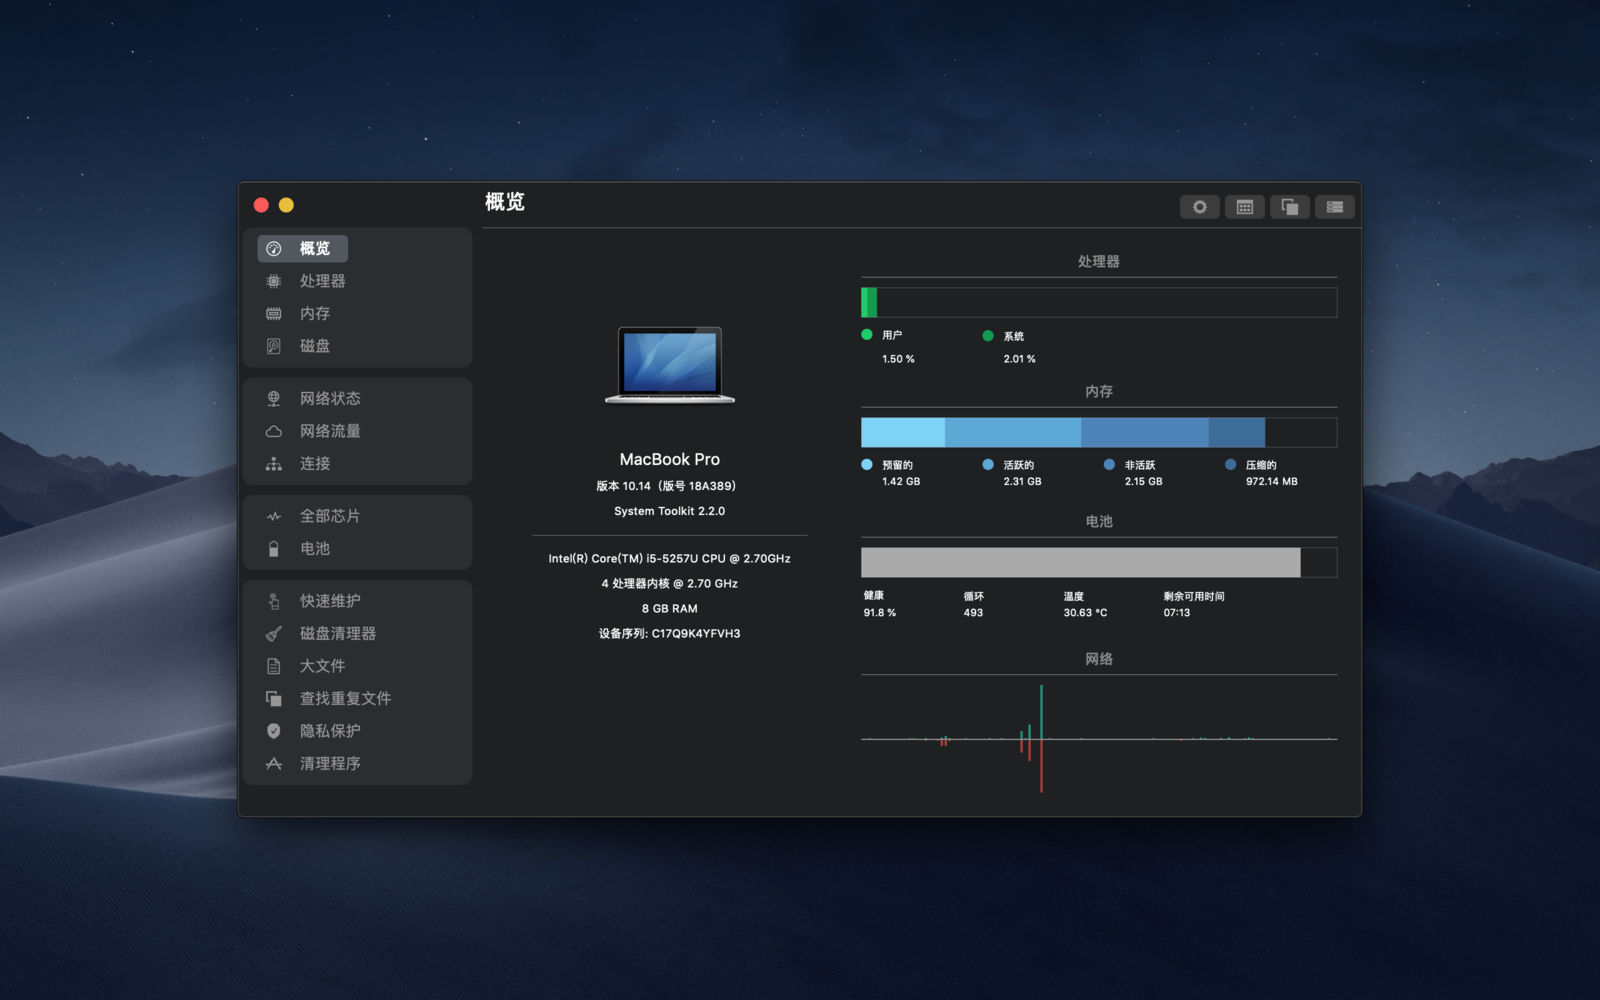 System Toolkit 2.2.1系统工具包